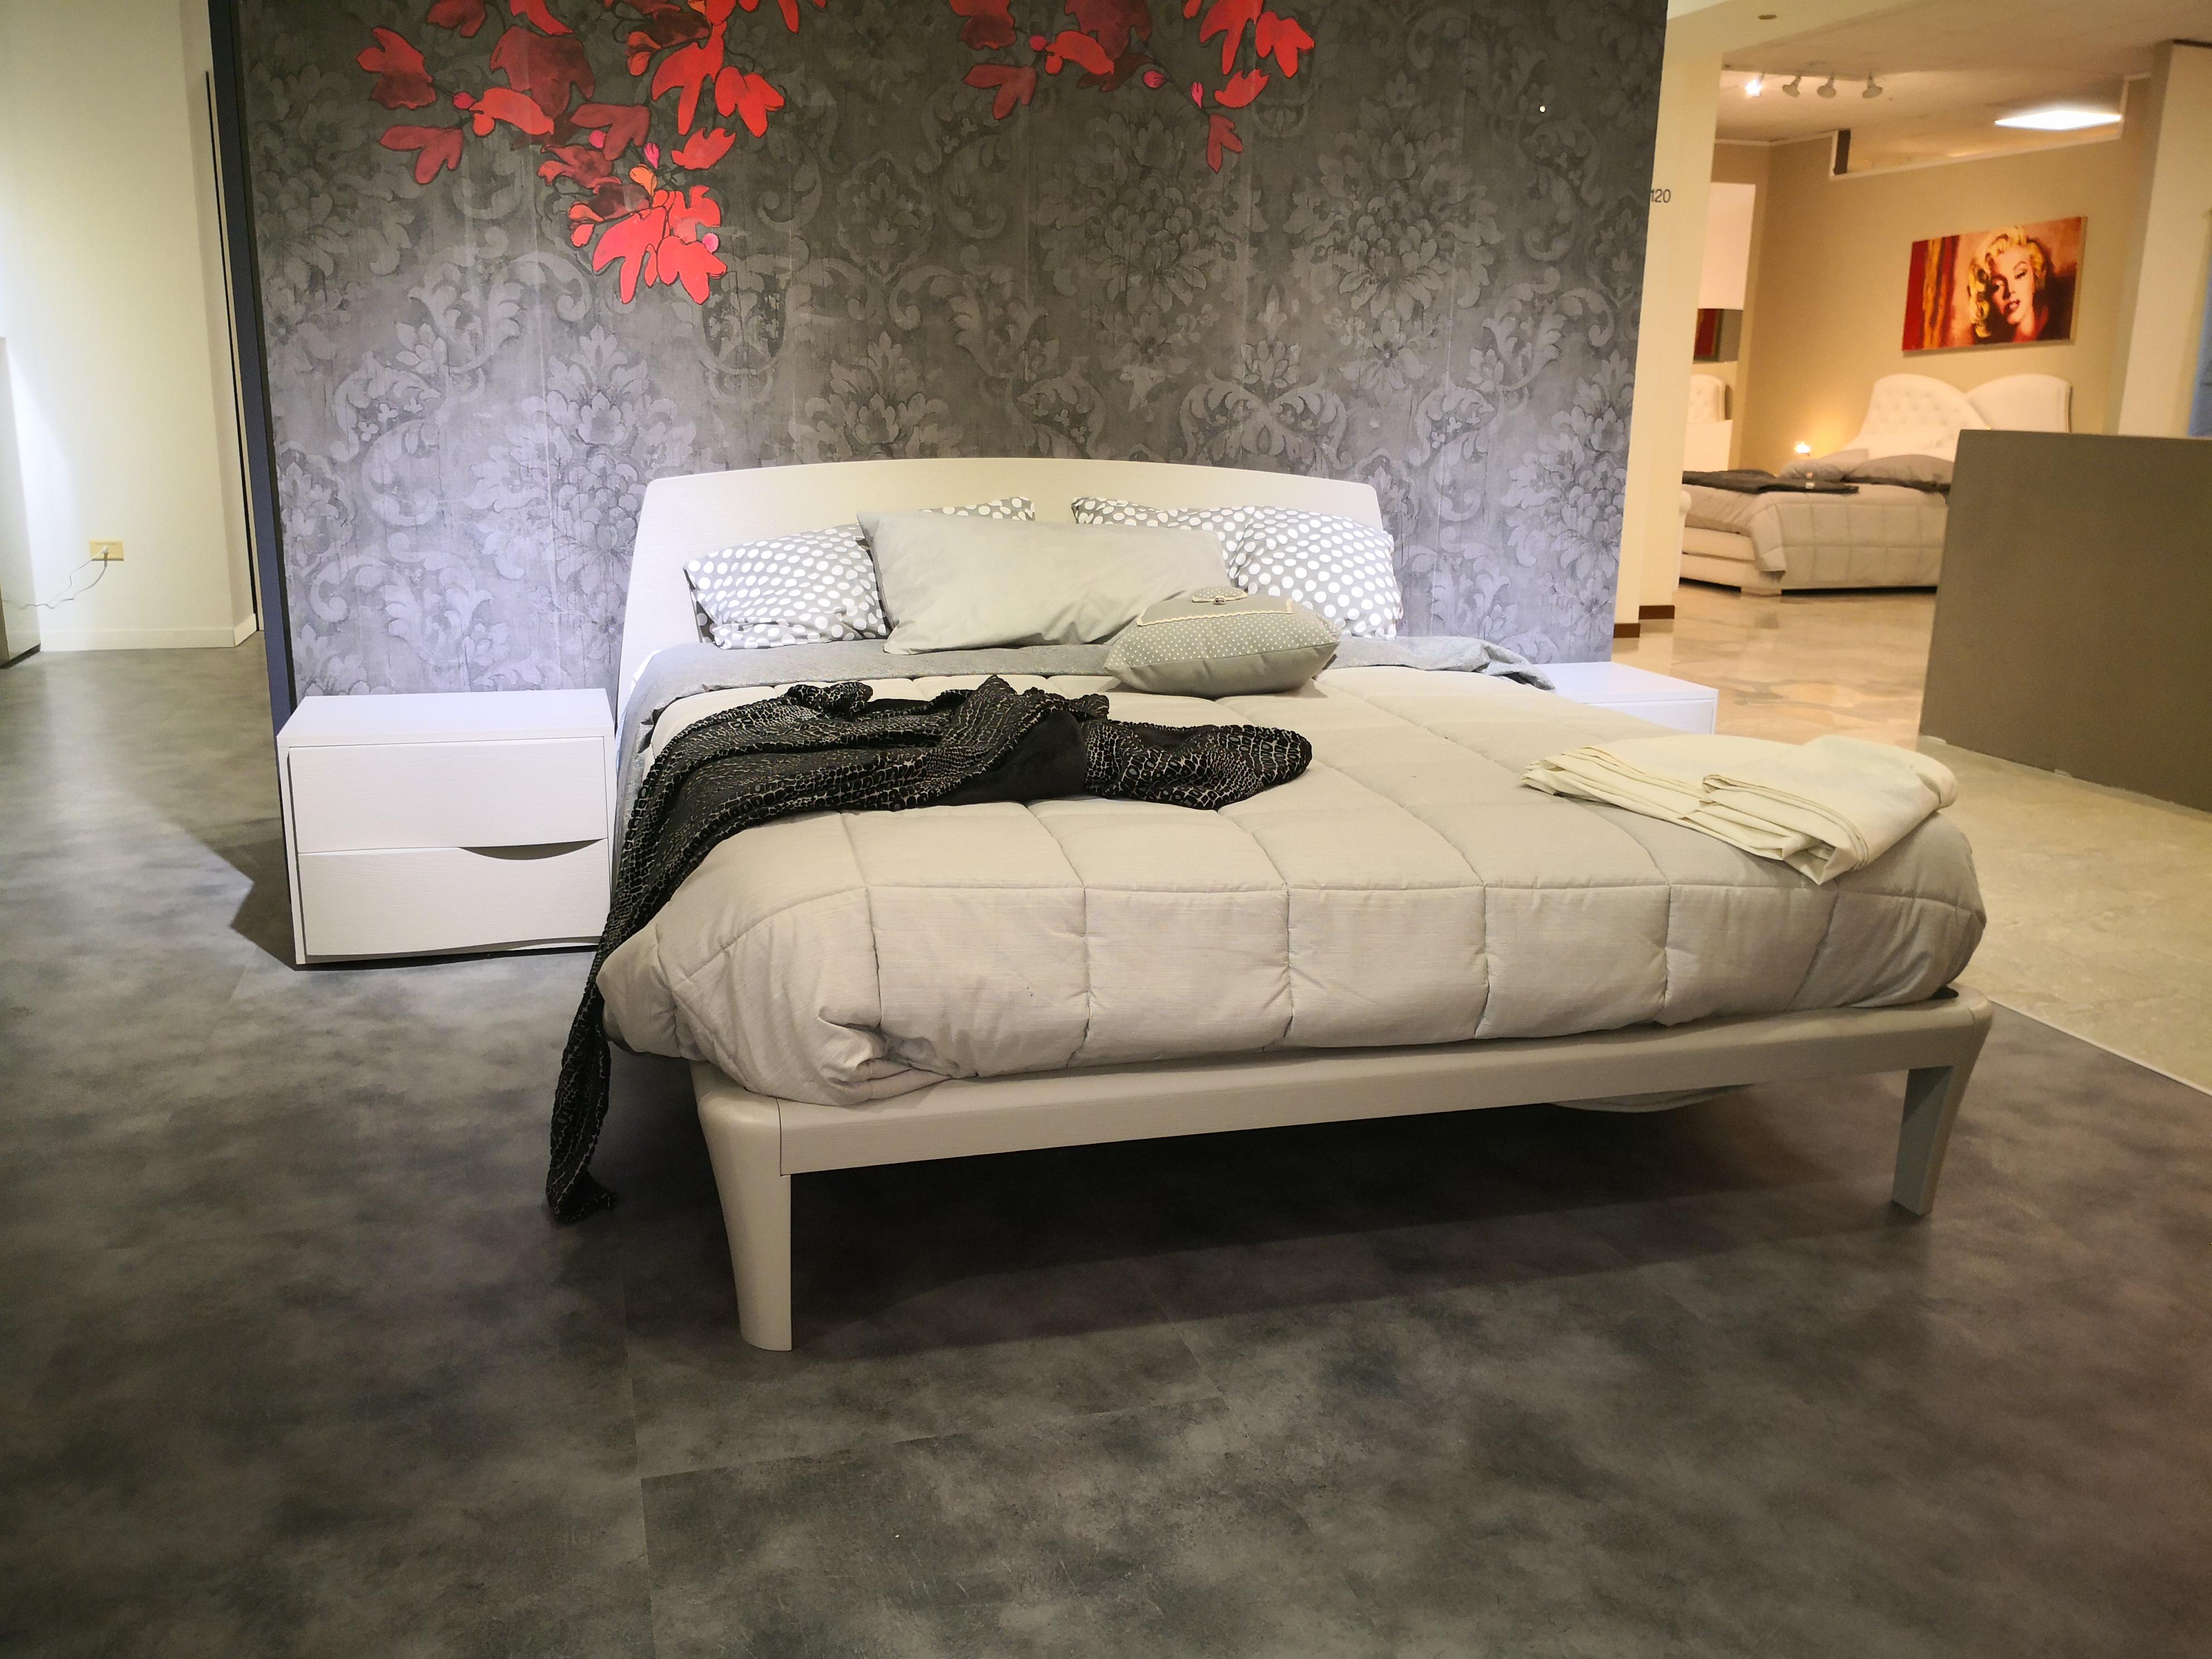 camera da letto outlet   Franzese Arredamenti